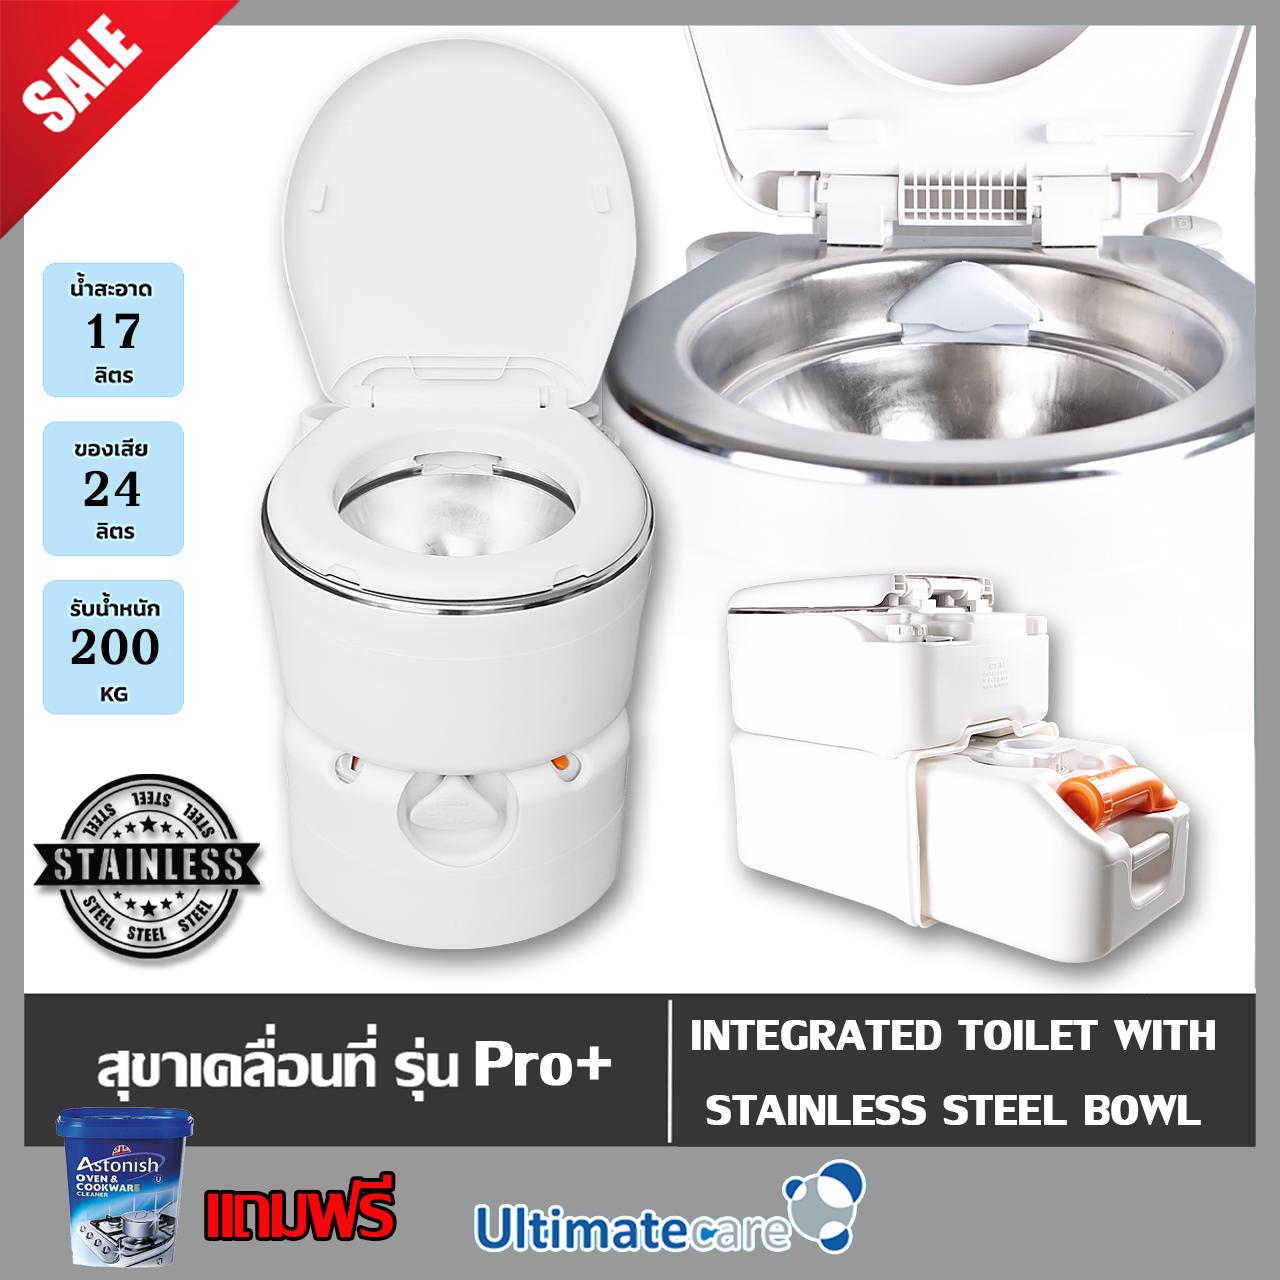 สุขาเคลื่อนที่ สุขาพกพา ส้วมเคลื่อนที่ ชักโครกเคลื่อนที่ สุขาผู้สูงอายุ Portable toilet รุ่น PRO+สแตนเลส Ultimatecare